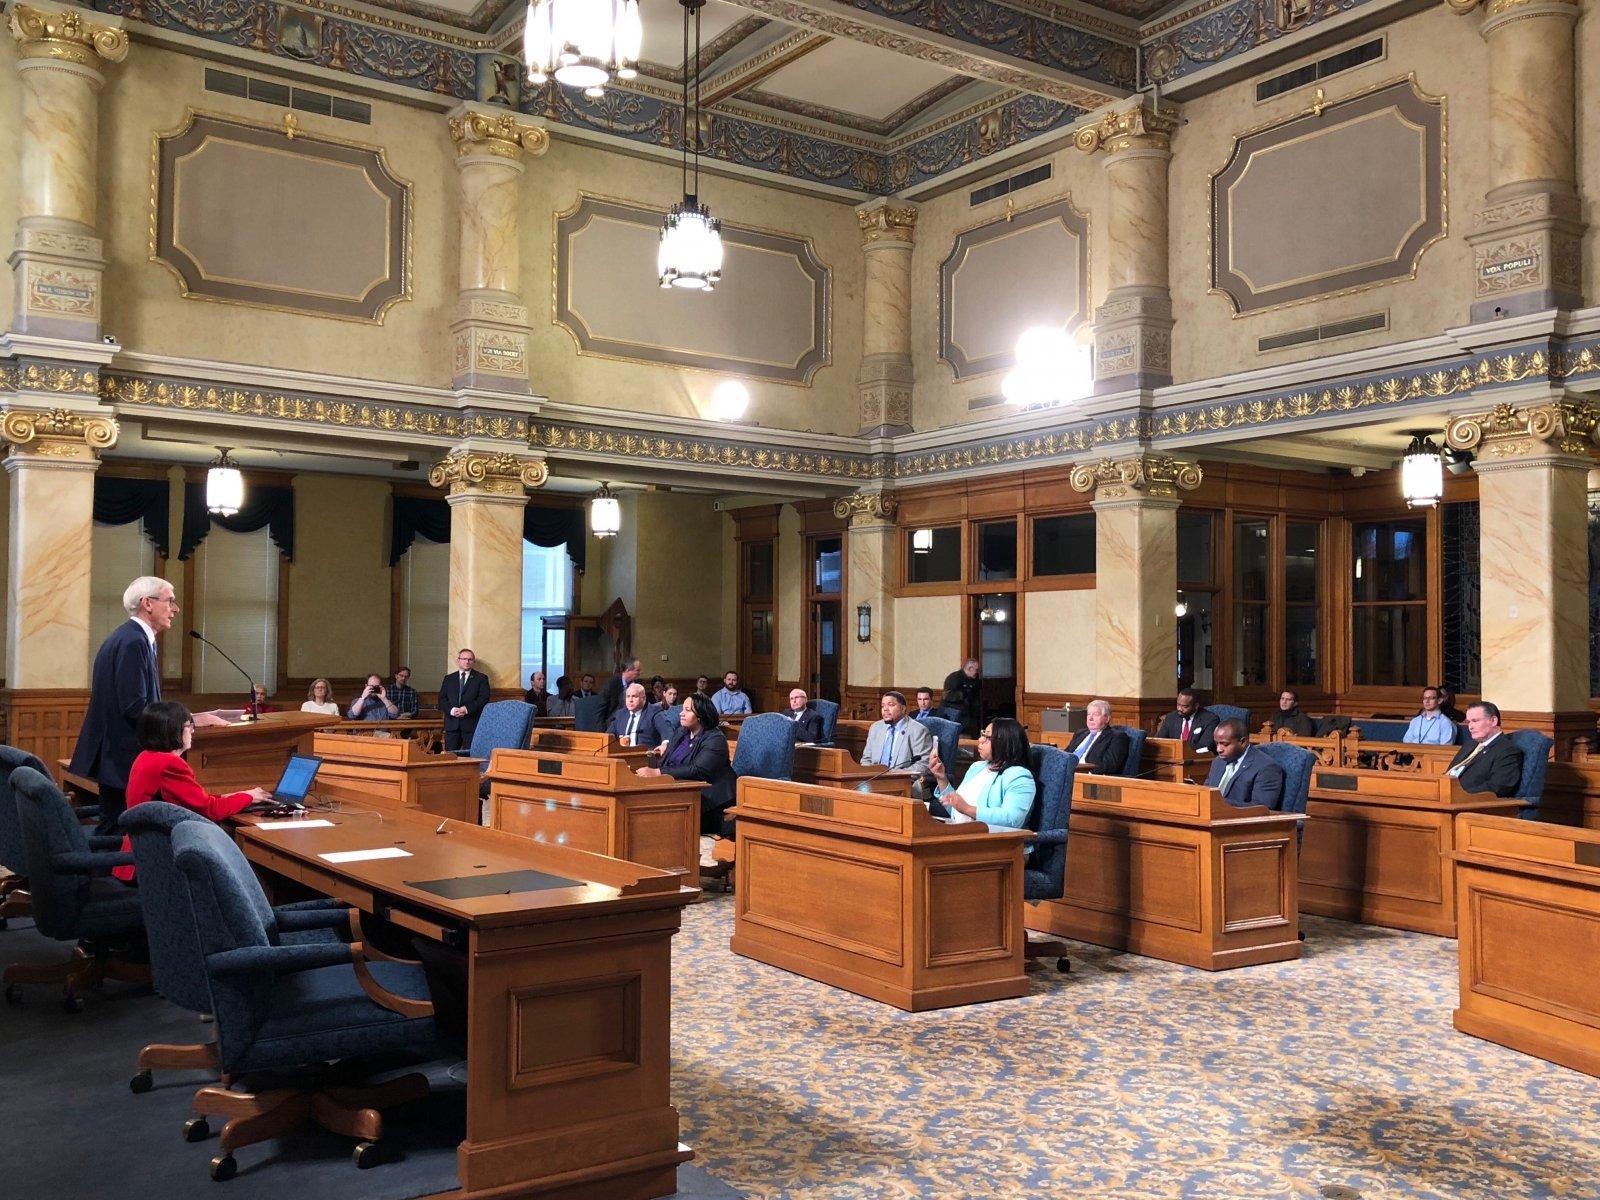 Governor-elect Tony Evers